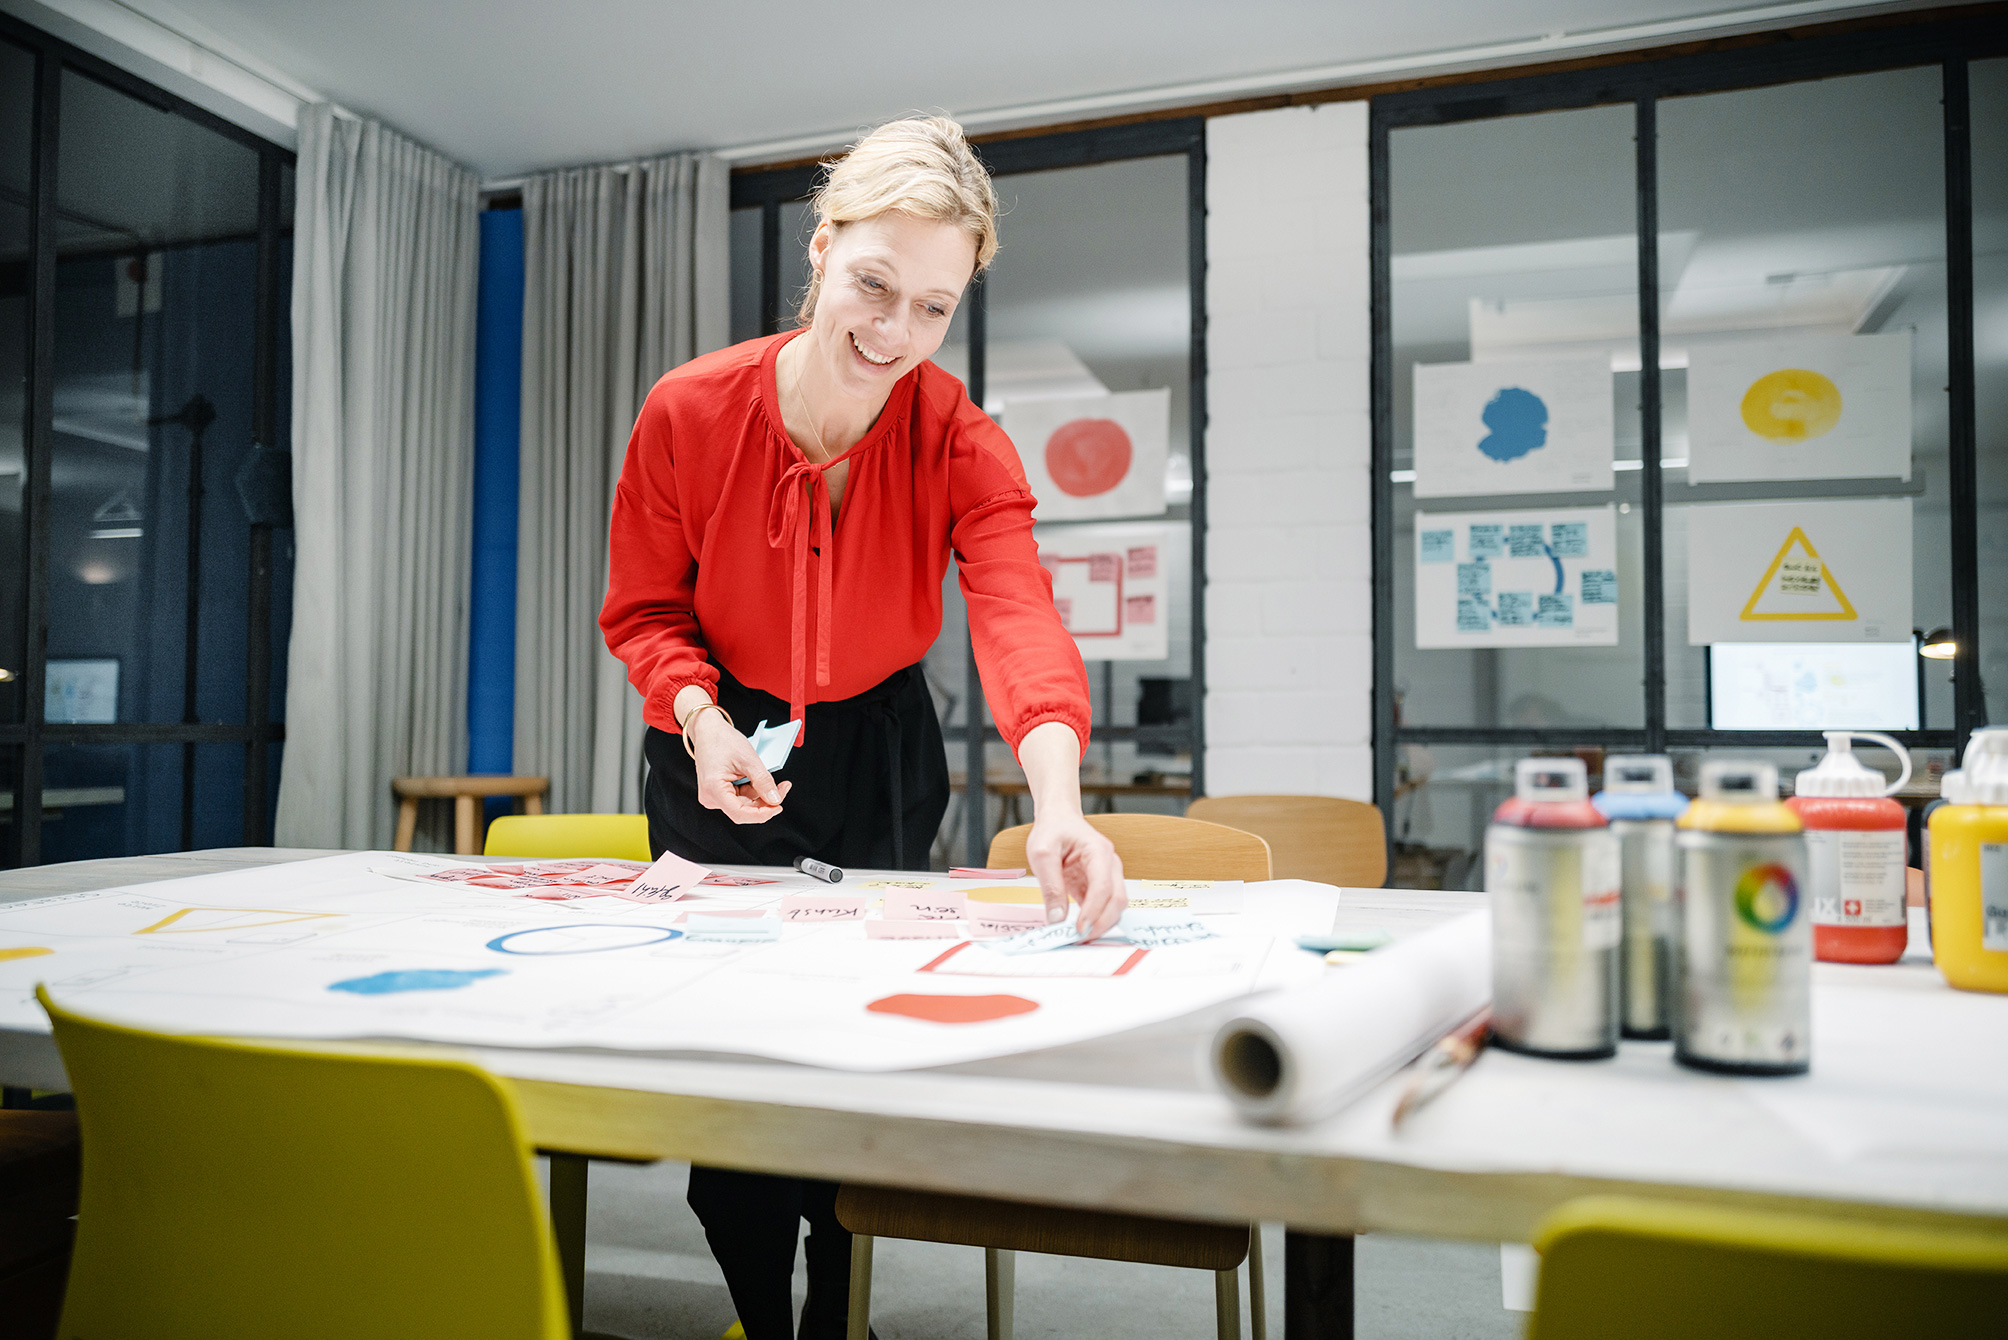 Studio & Miro – Designmethode zeigt Carola Tierling